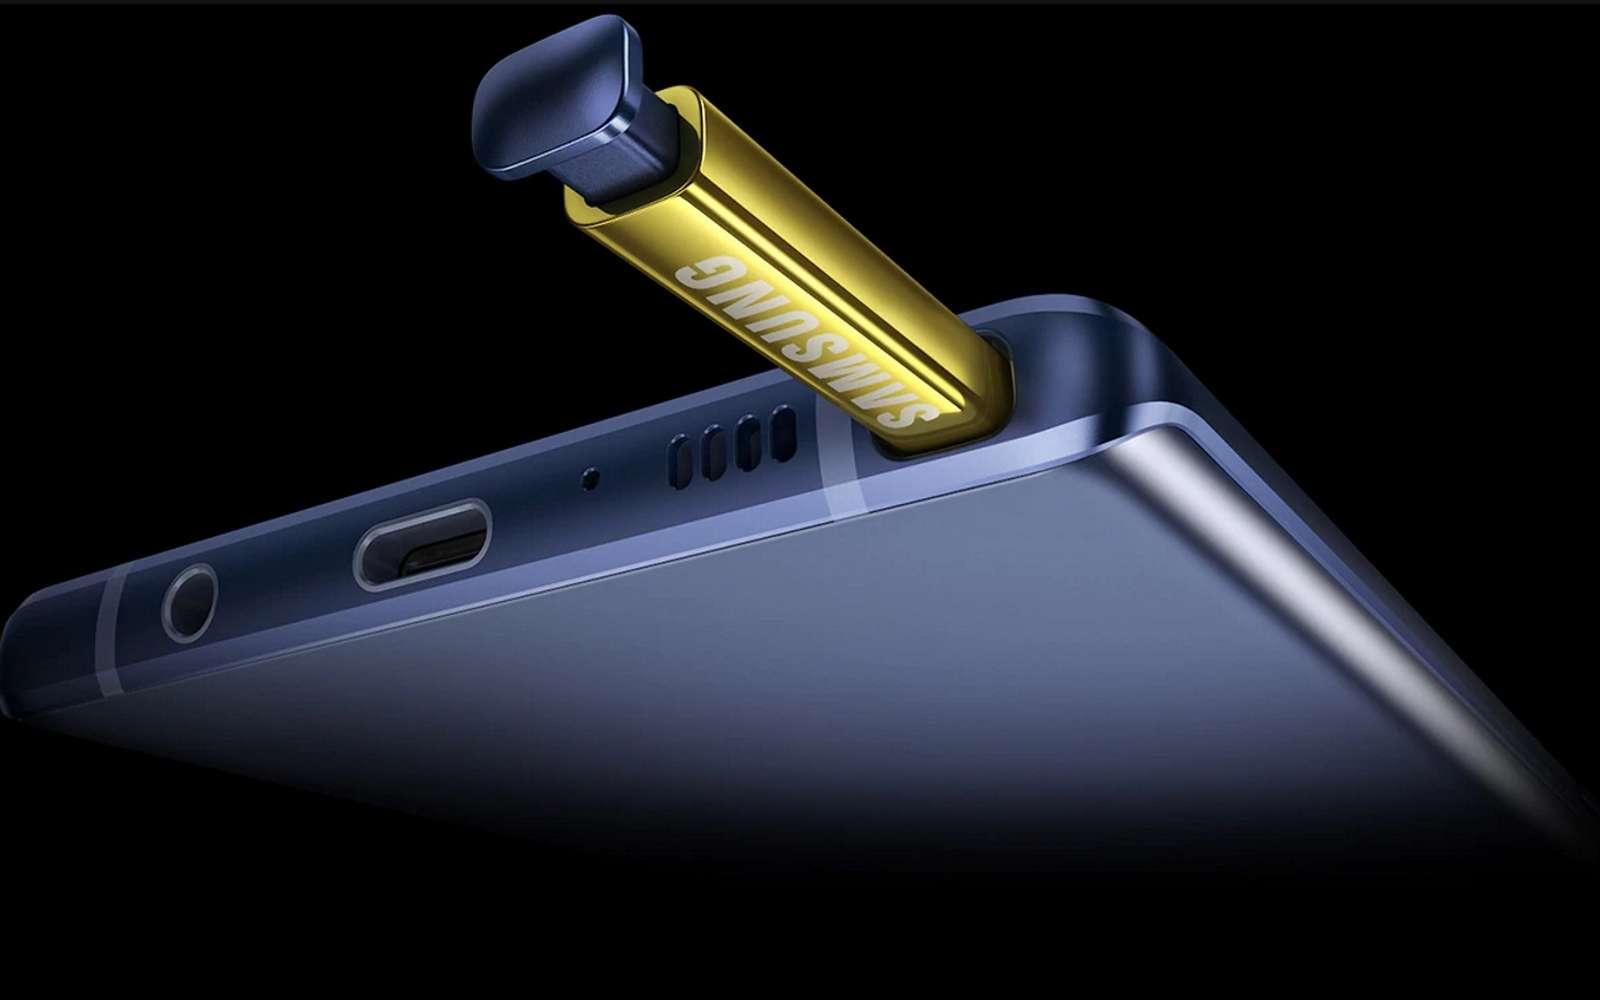 Placer une caméra dans le stylet du Galaxy Note permettrait d'étendre au maximum la surface d'affichage sur l'écran. © Samsung